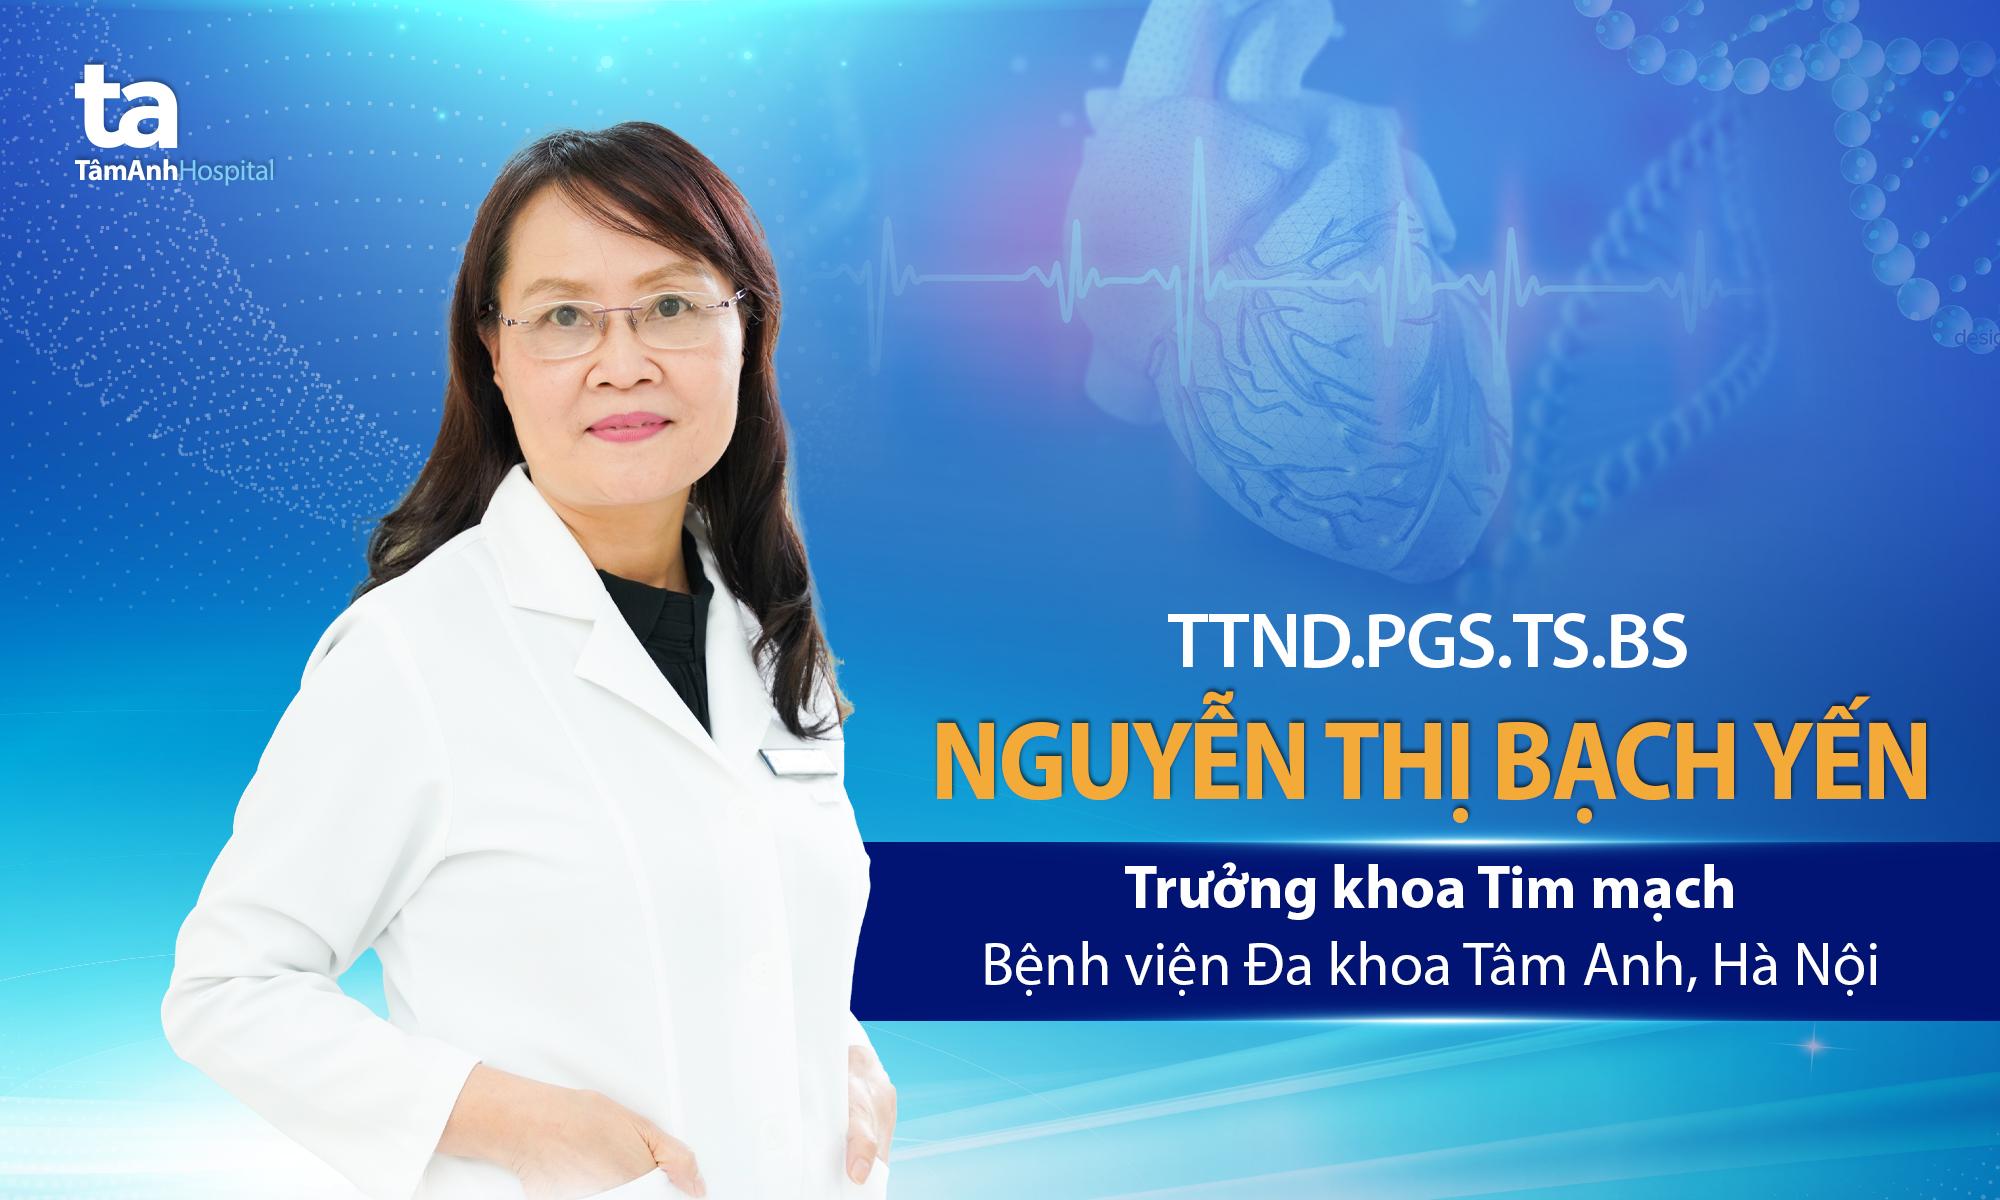 TTND.PGS.TS.BS Nguyễn Thị Bạch Yến